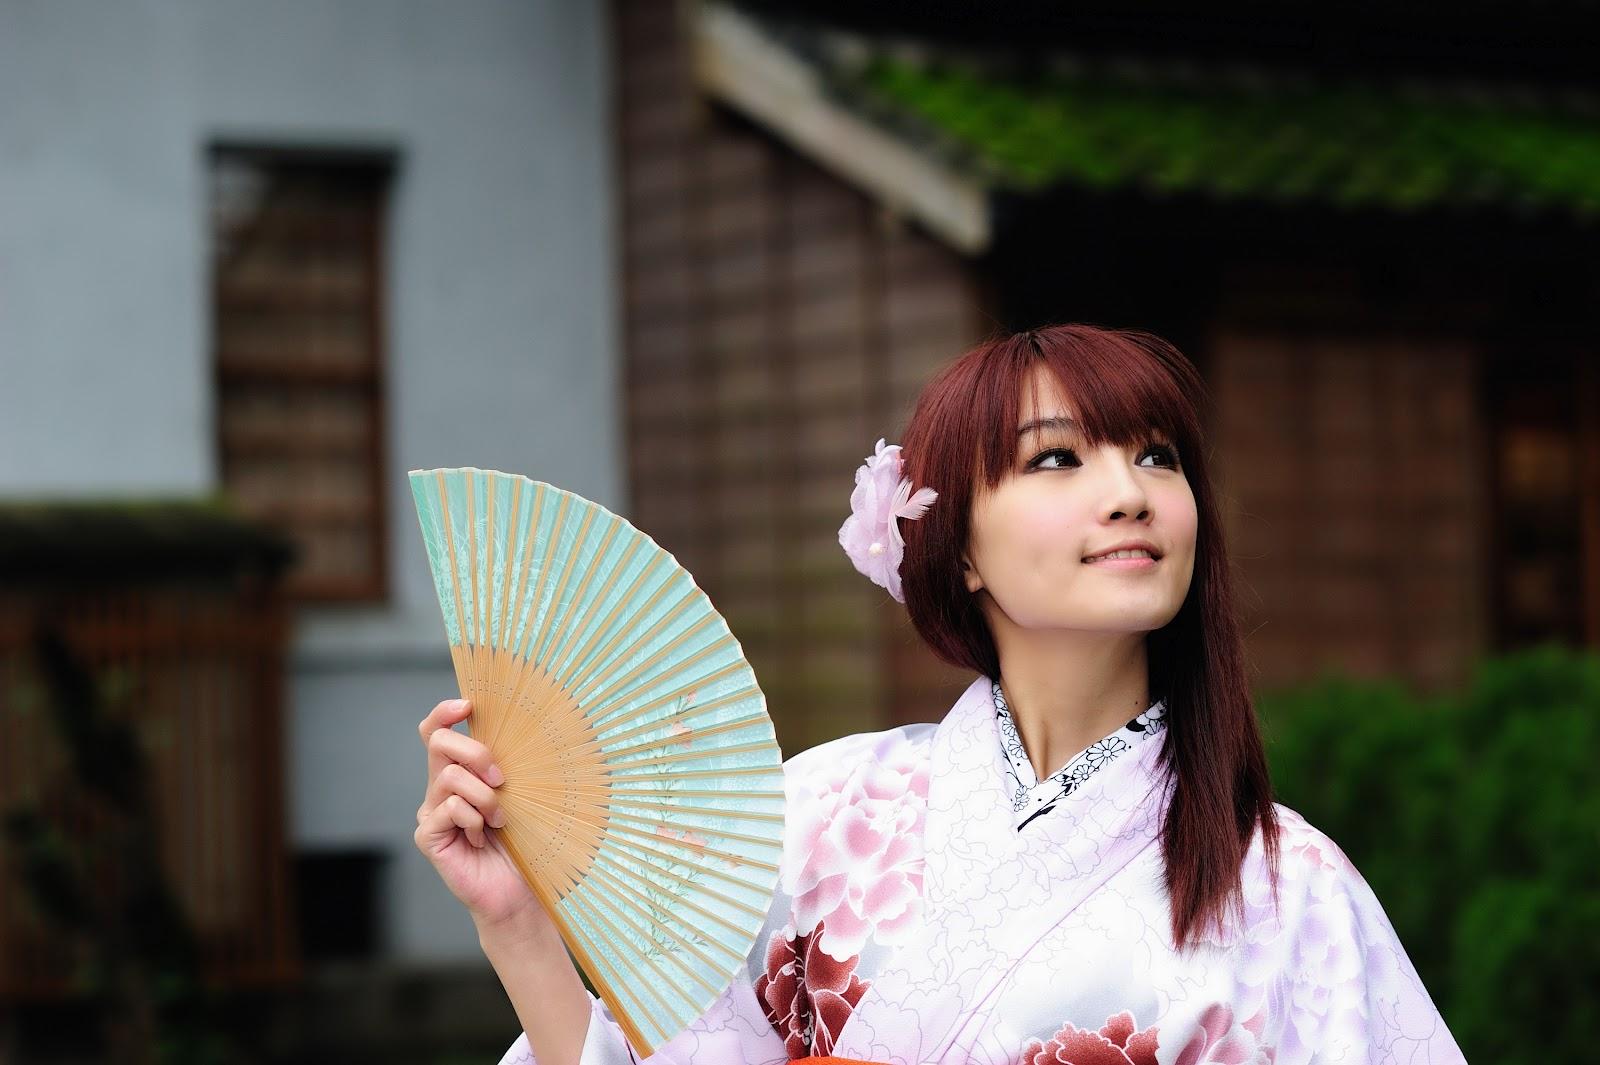 صورة بنات يابانيات , مواصفات بنات شرق اسيا